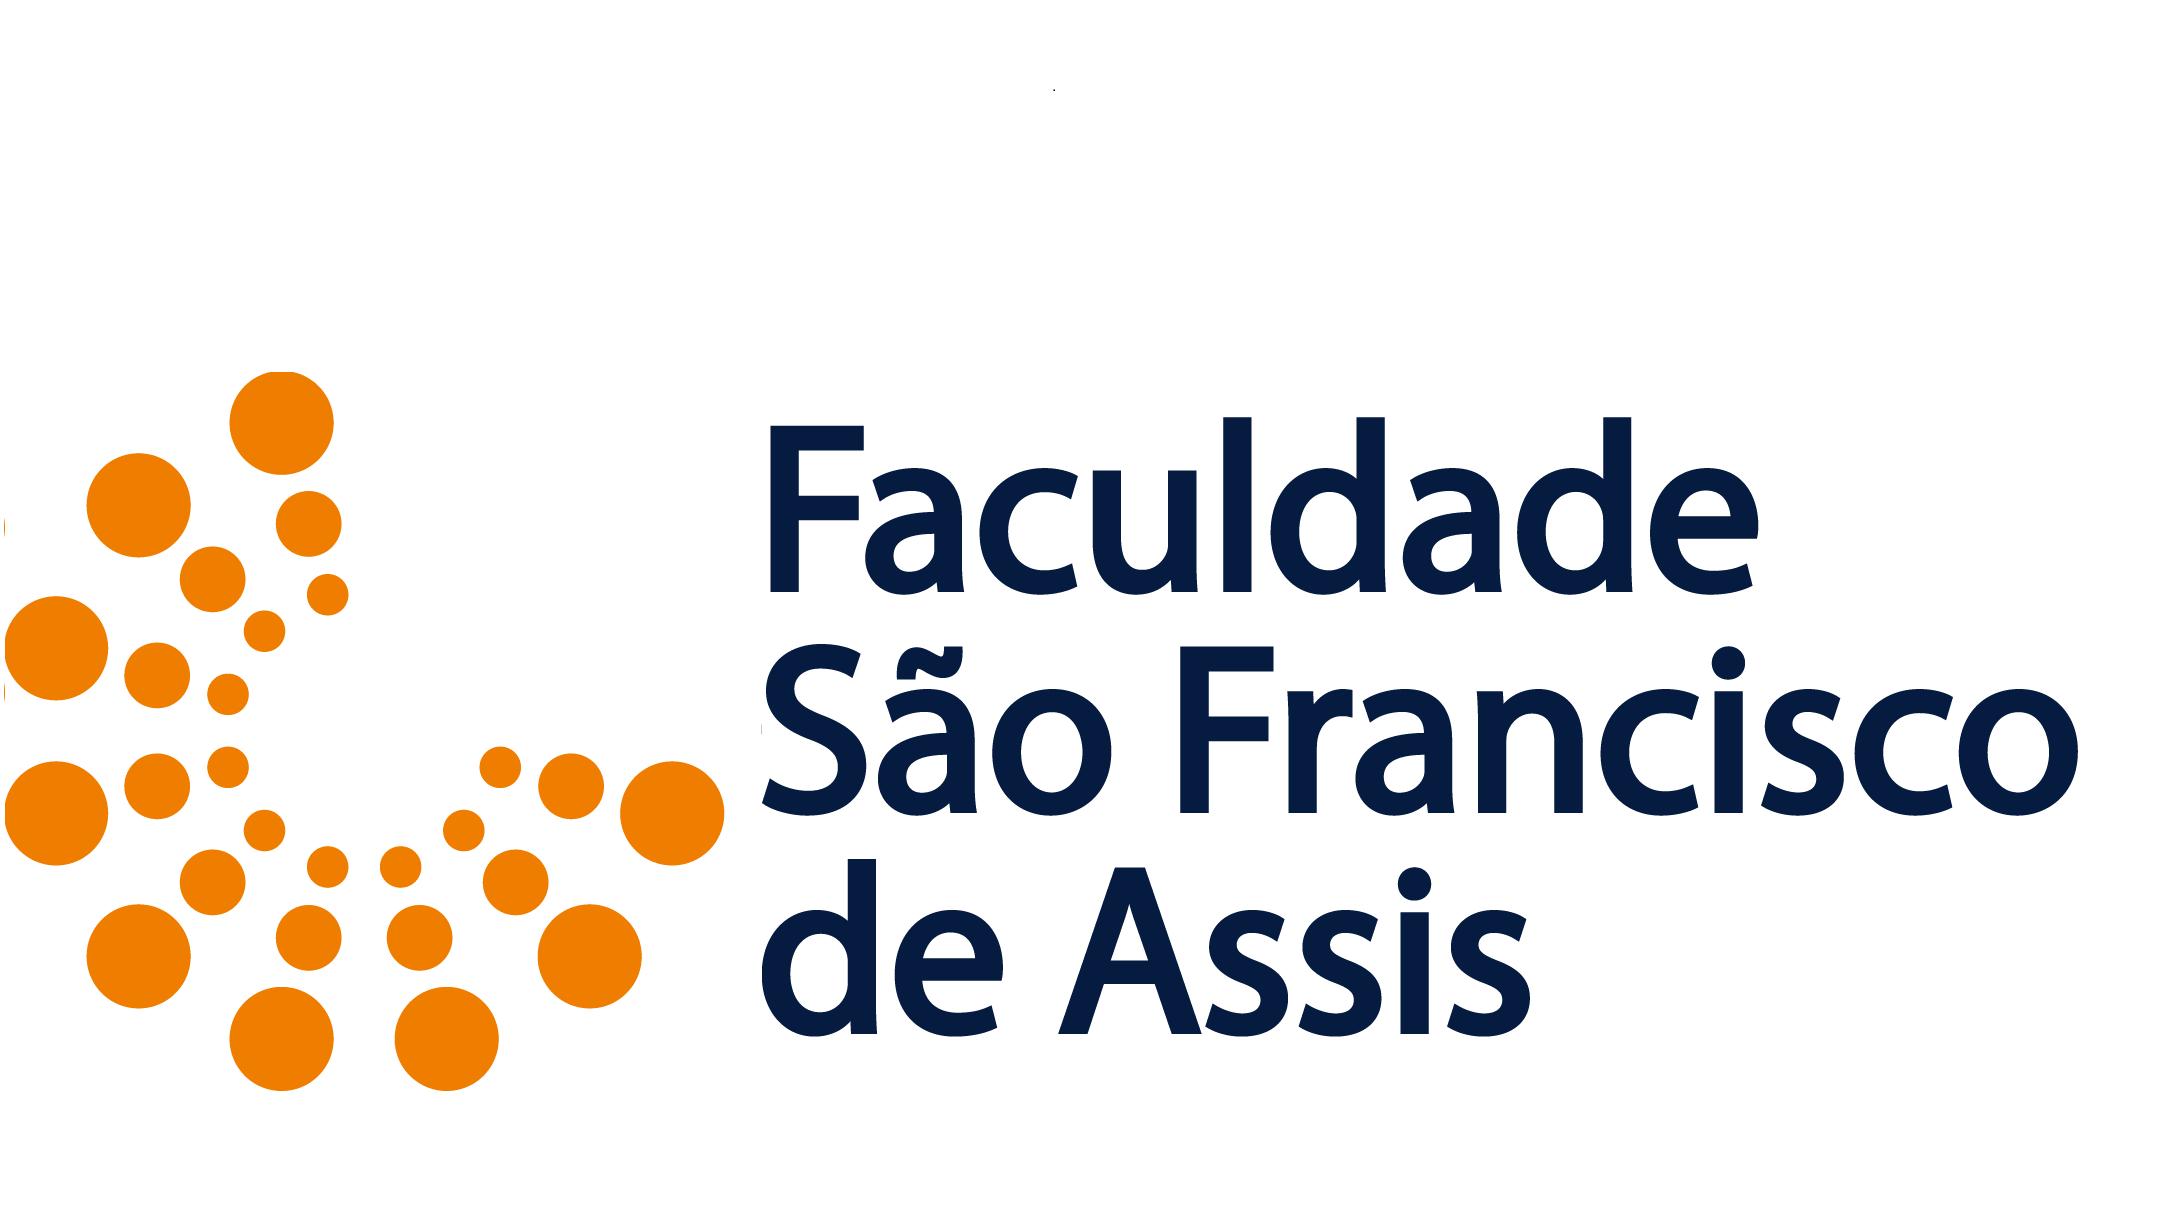 UNIFIN - Faculdade São Francisco de Assis